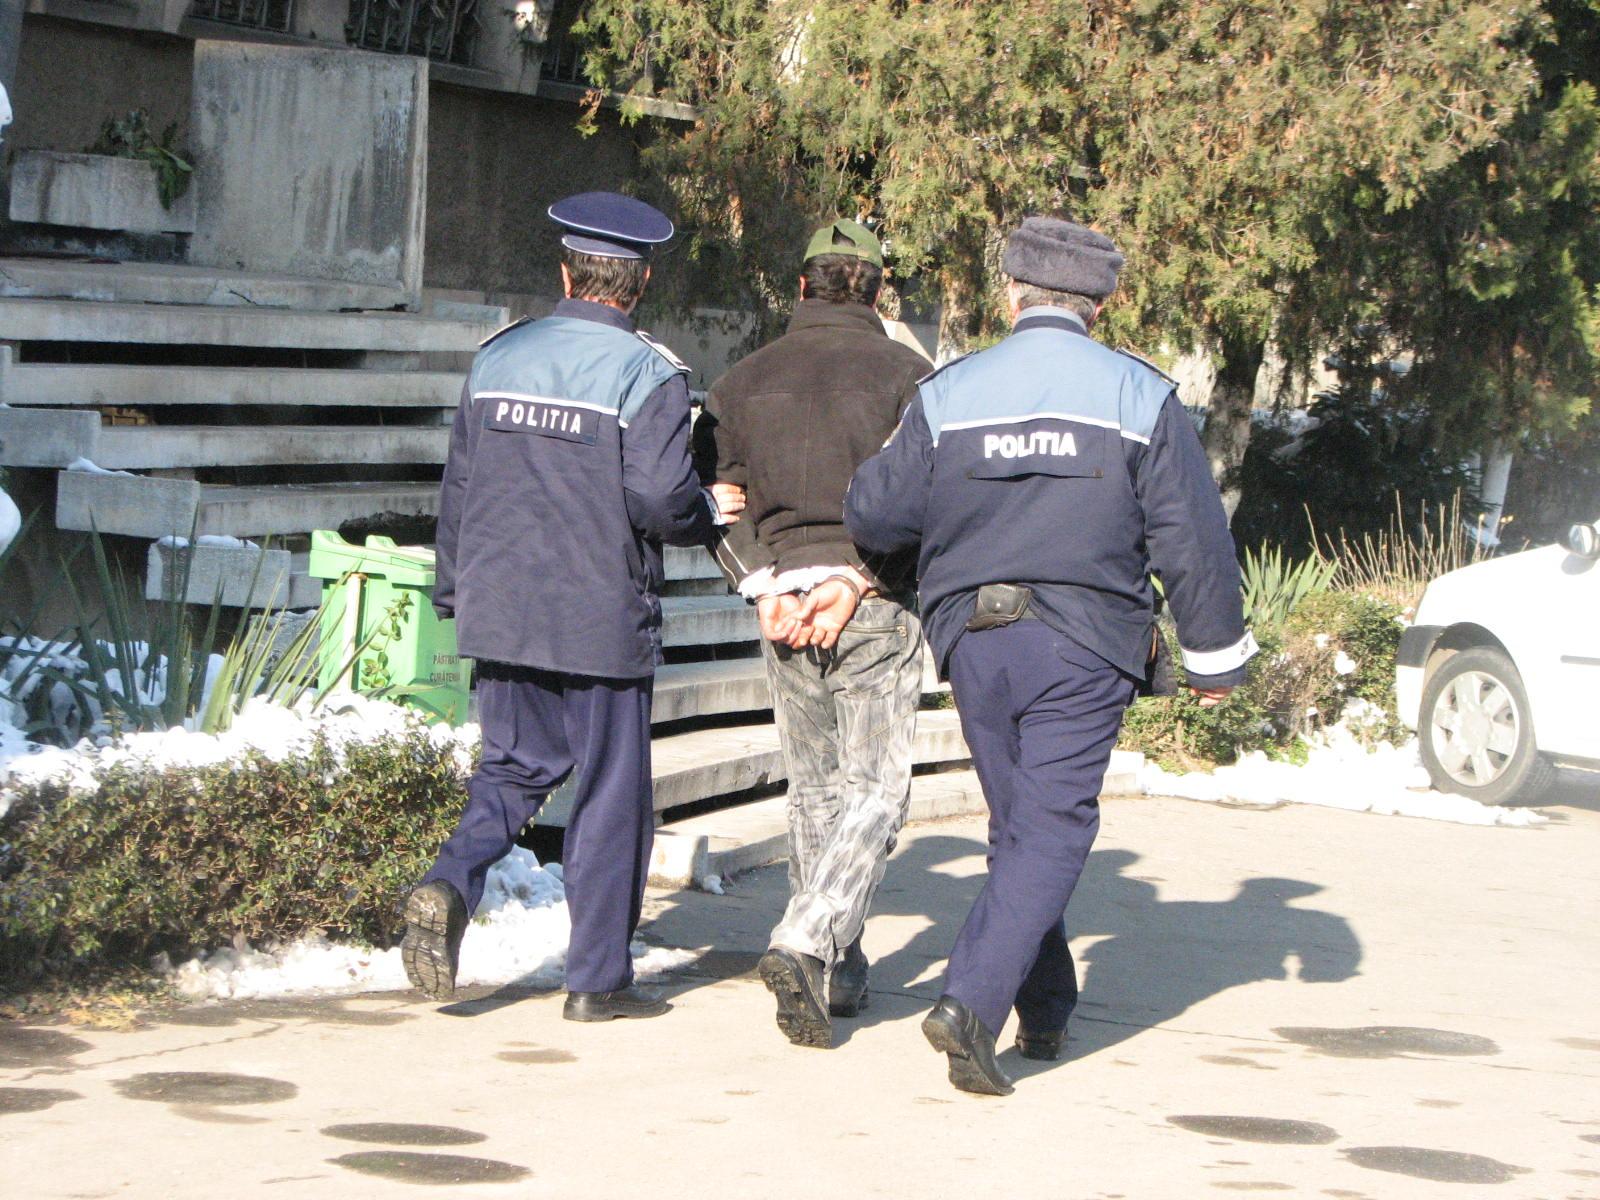 Mehedinți: Poliția Rutieră a încătușat un șofer oprit în trafic